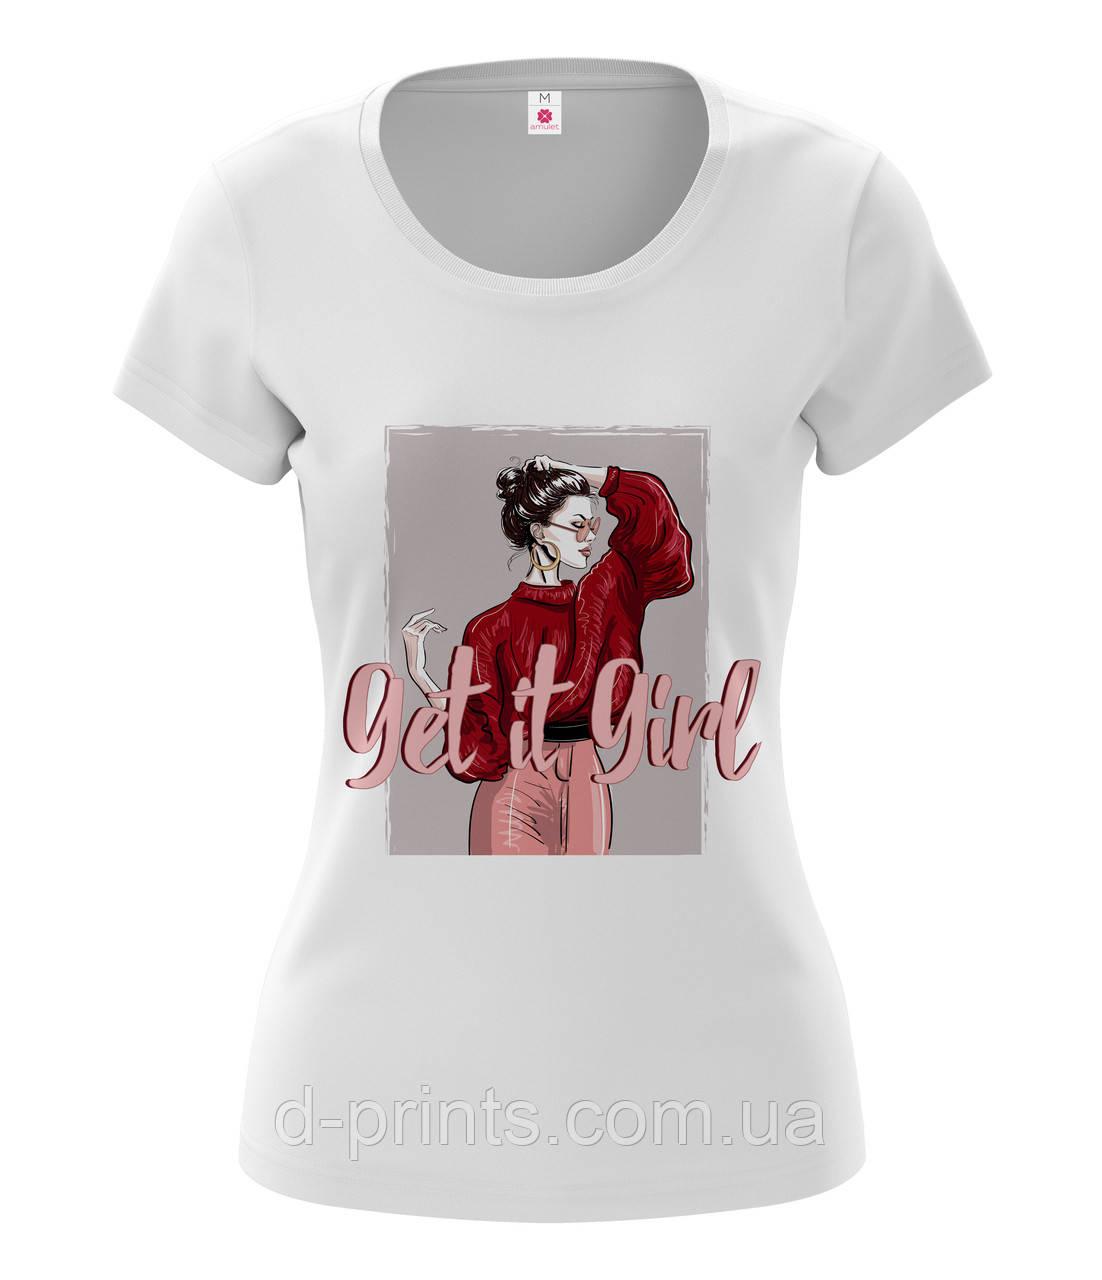 """Футболка женская с рисунком """"Get it Girl """""""